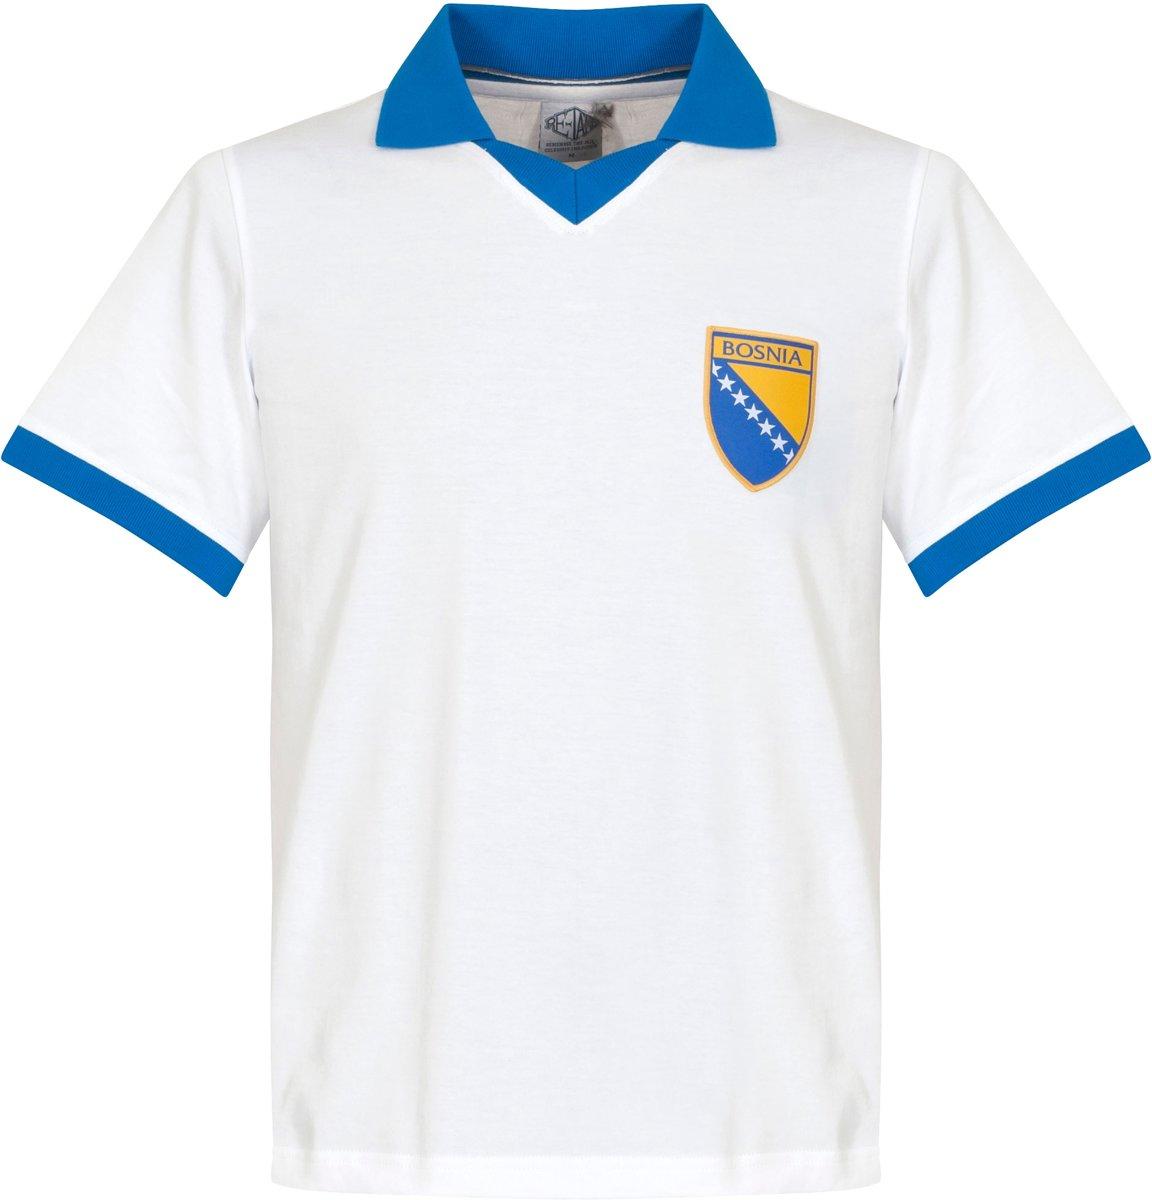 Bosnië & Herzegovina Retro Shirt 1990 - S